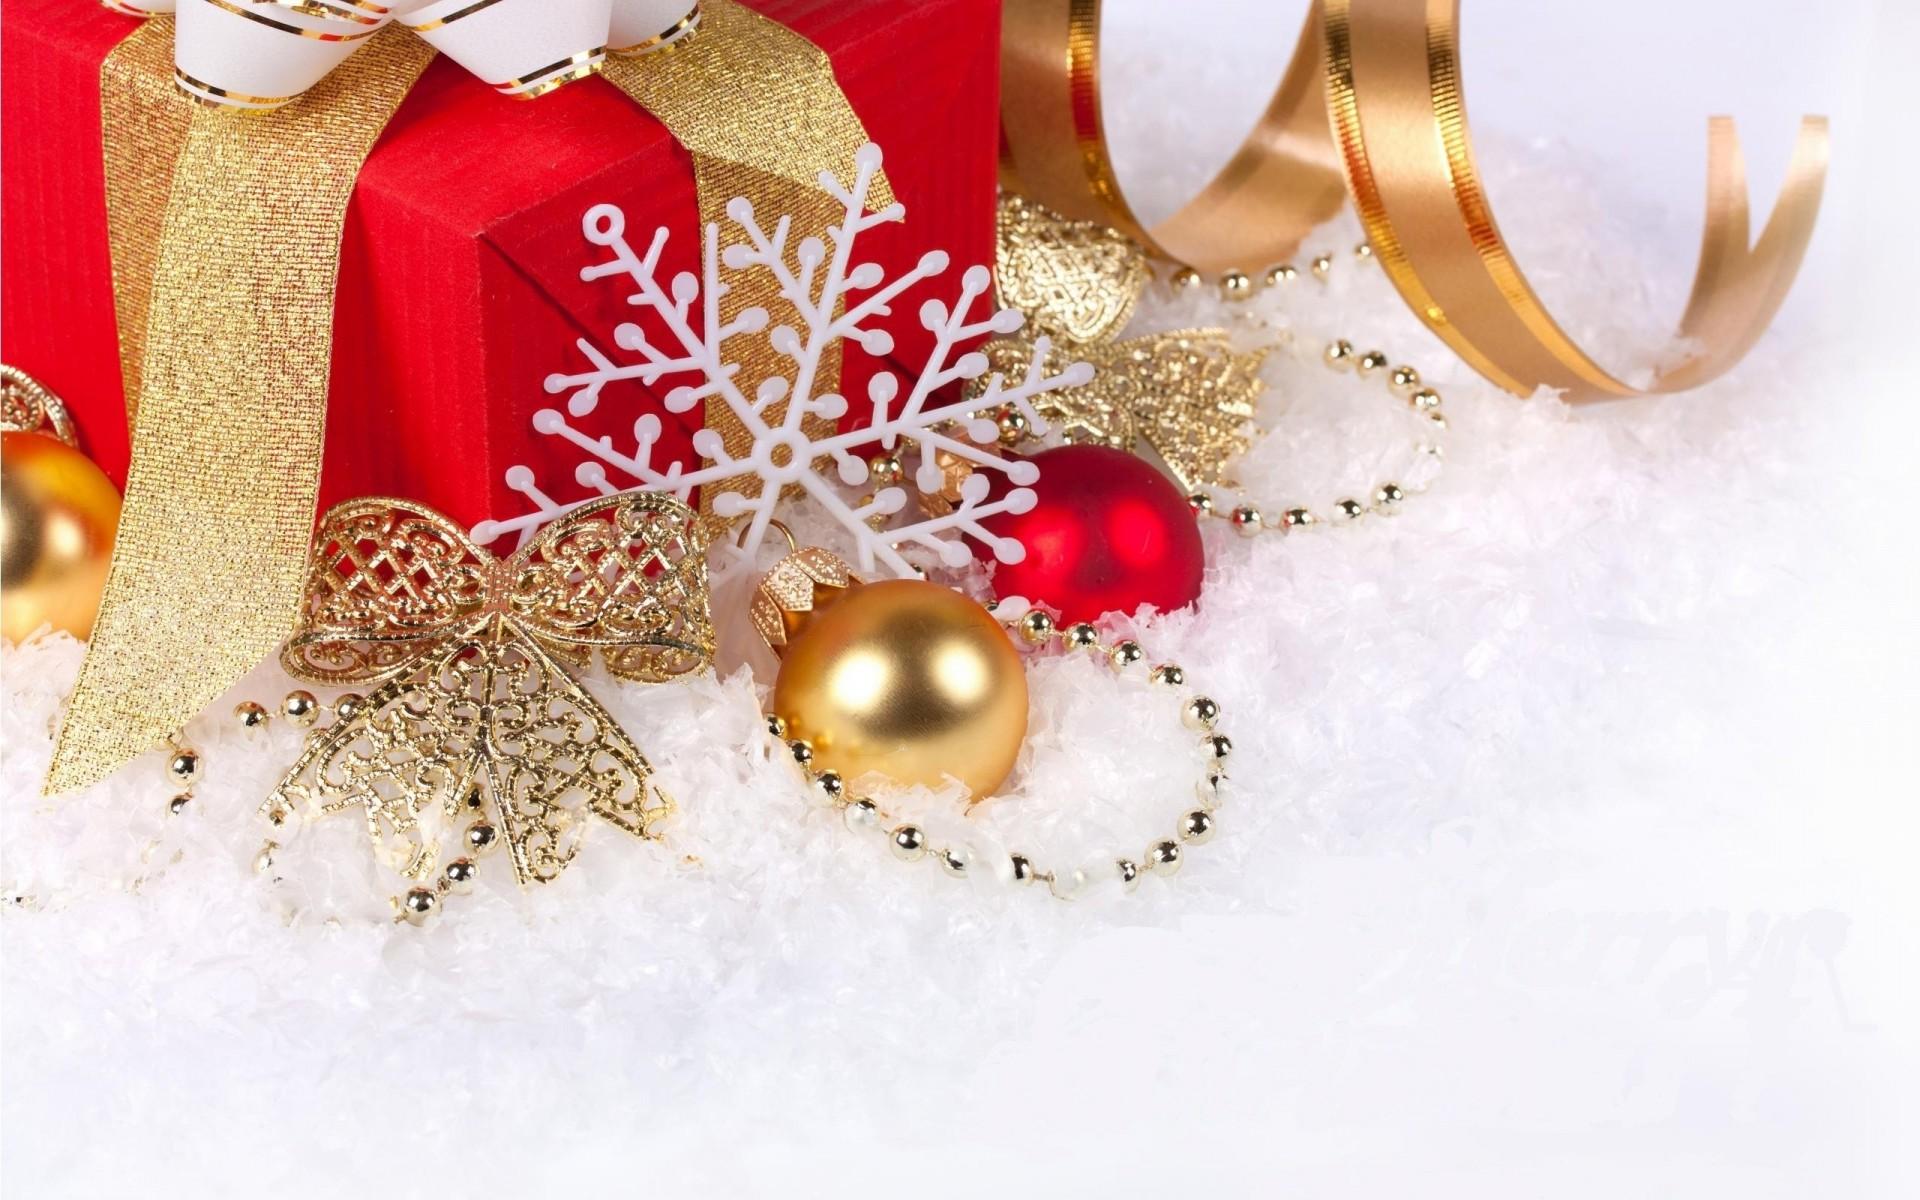 красавица новый год новогодние игрушки праздник лук снег лента украшения снежинка шары HD обои для ноутбука